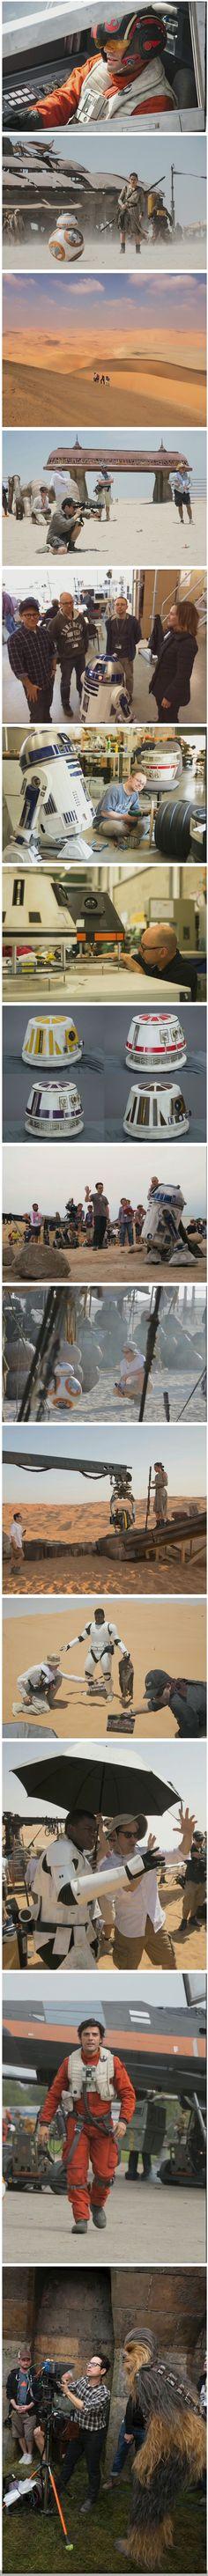 Star Wars VII : des photos exclusives du tournage